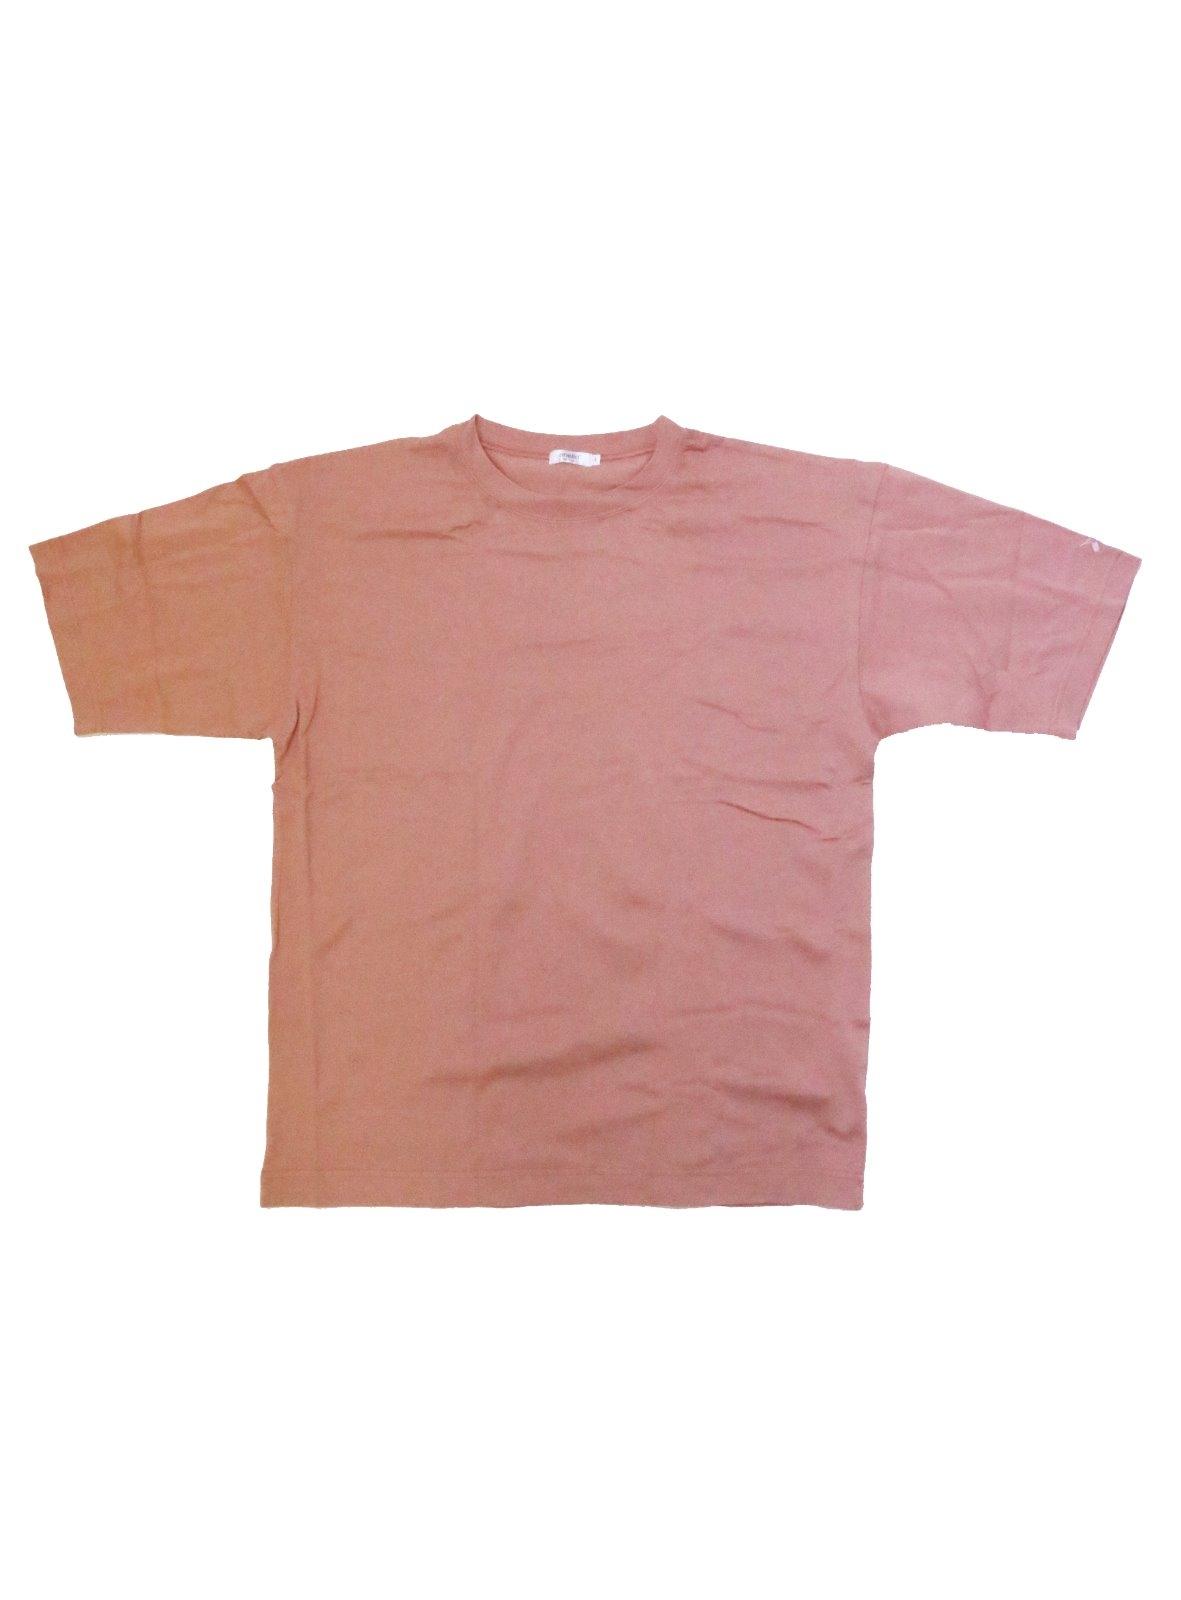 【日本オフィシャルストア限定アイテム】ワンポイント刺繍Tシャツ